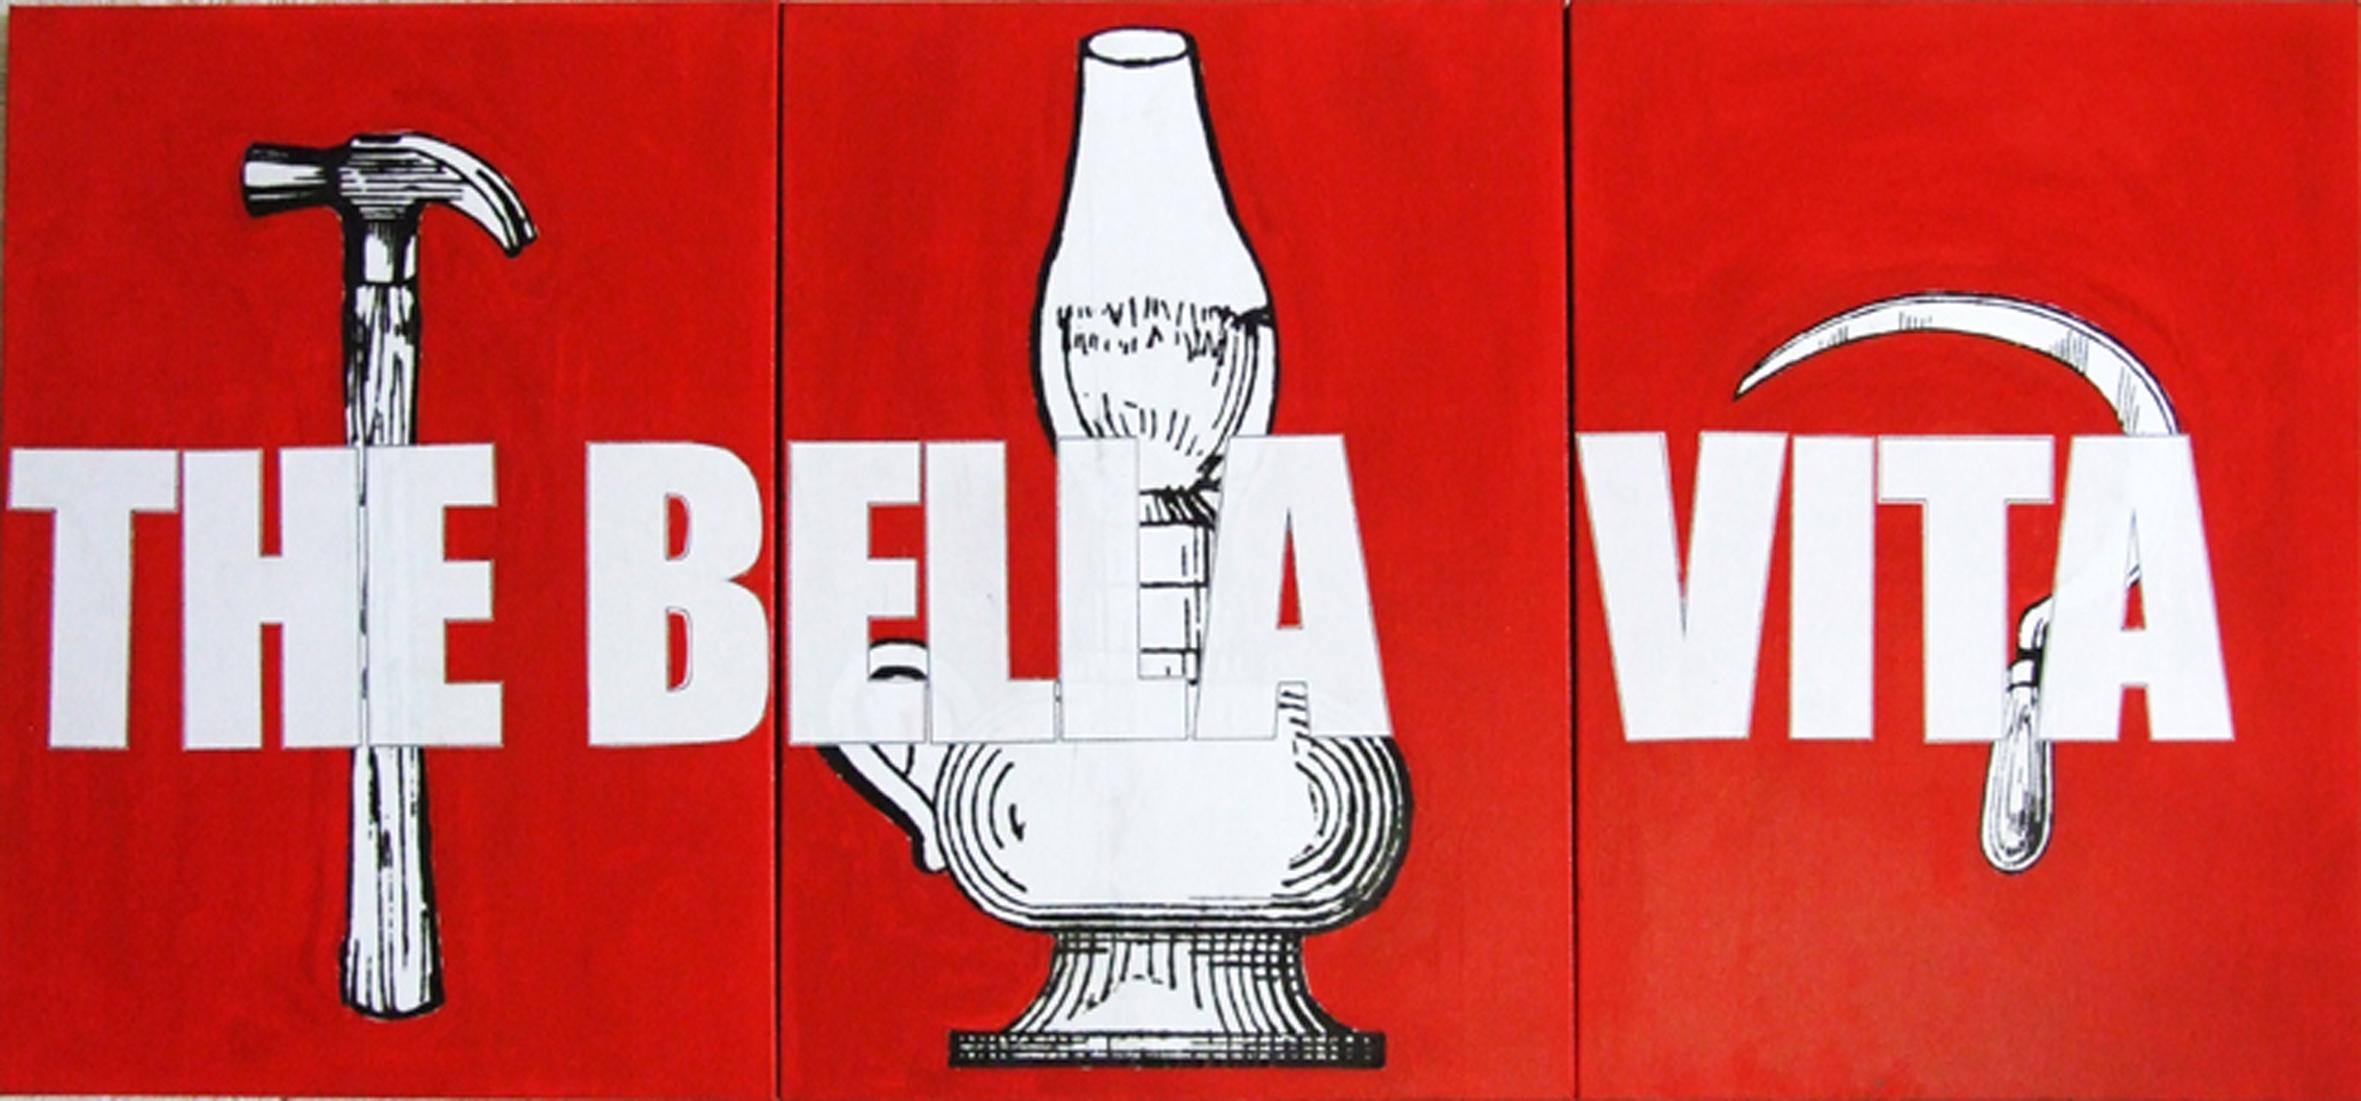 THE BELLA VITA